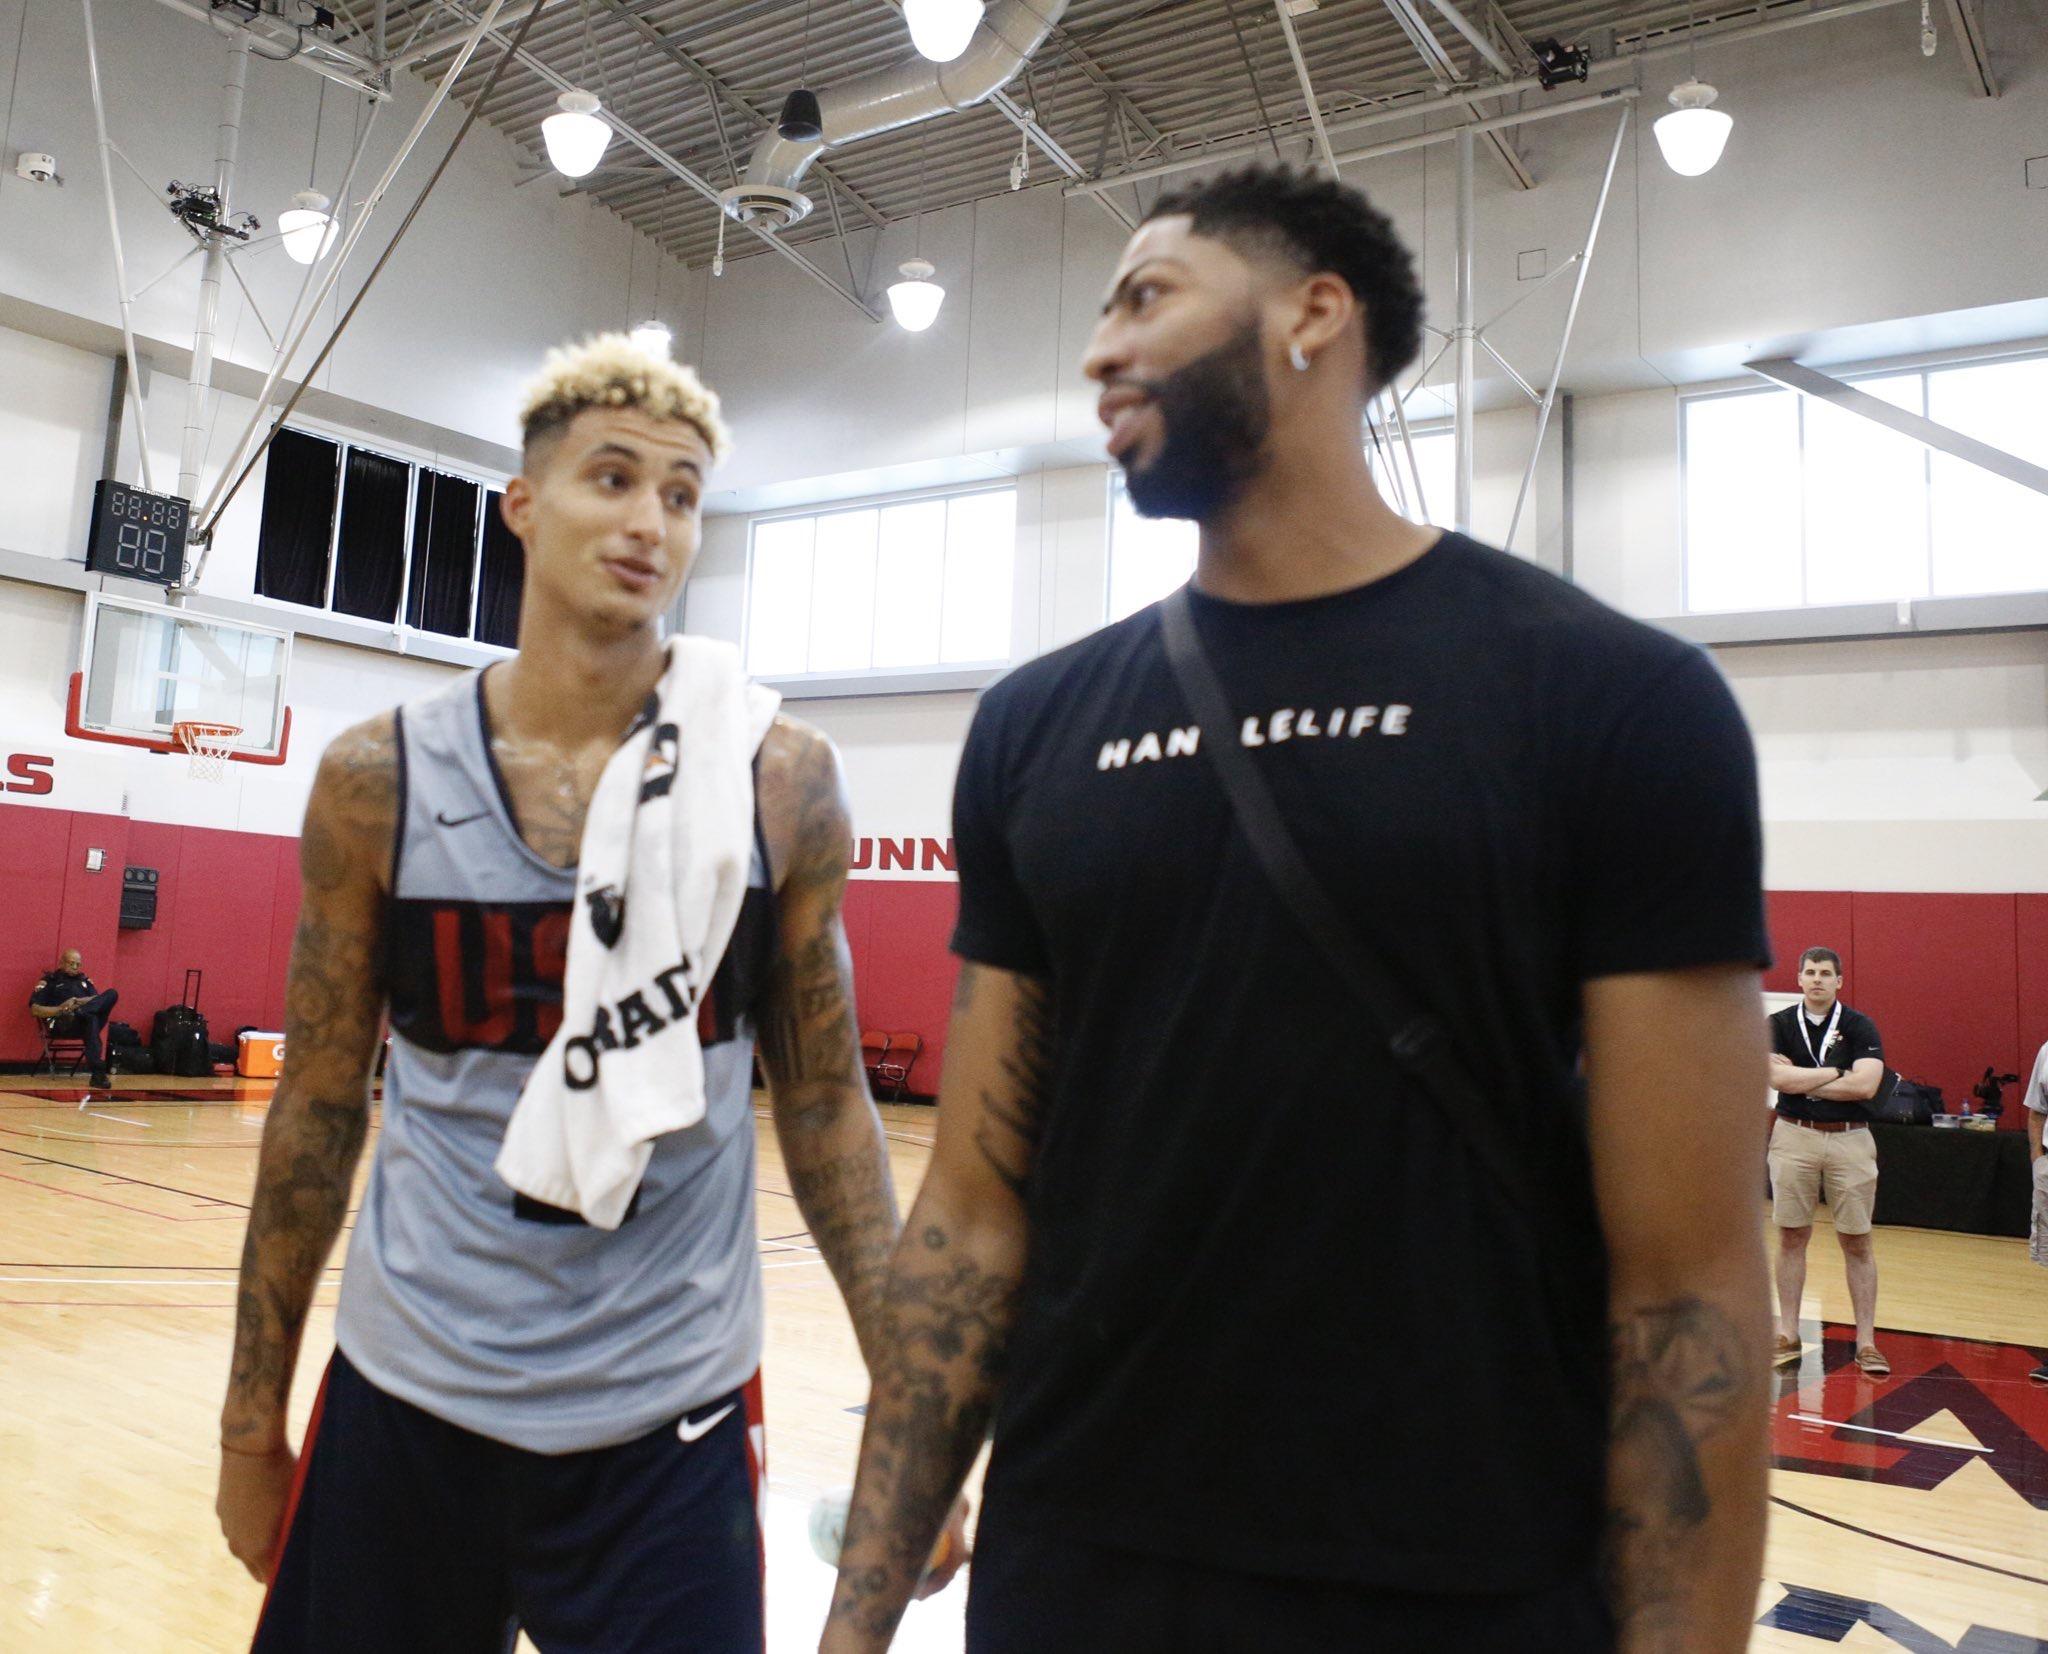 拥抱队友!NBA官方公布戴维斯探班美国男篮训练营图集